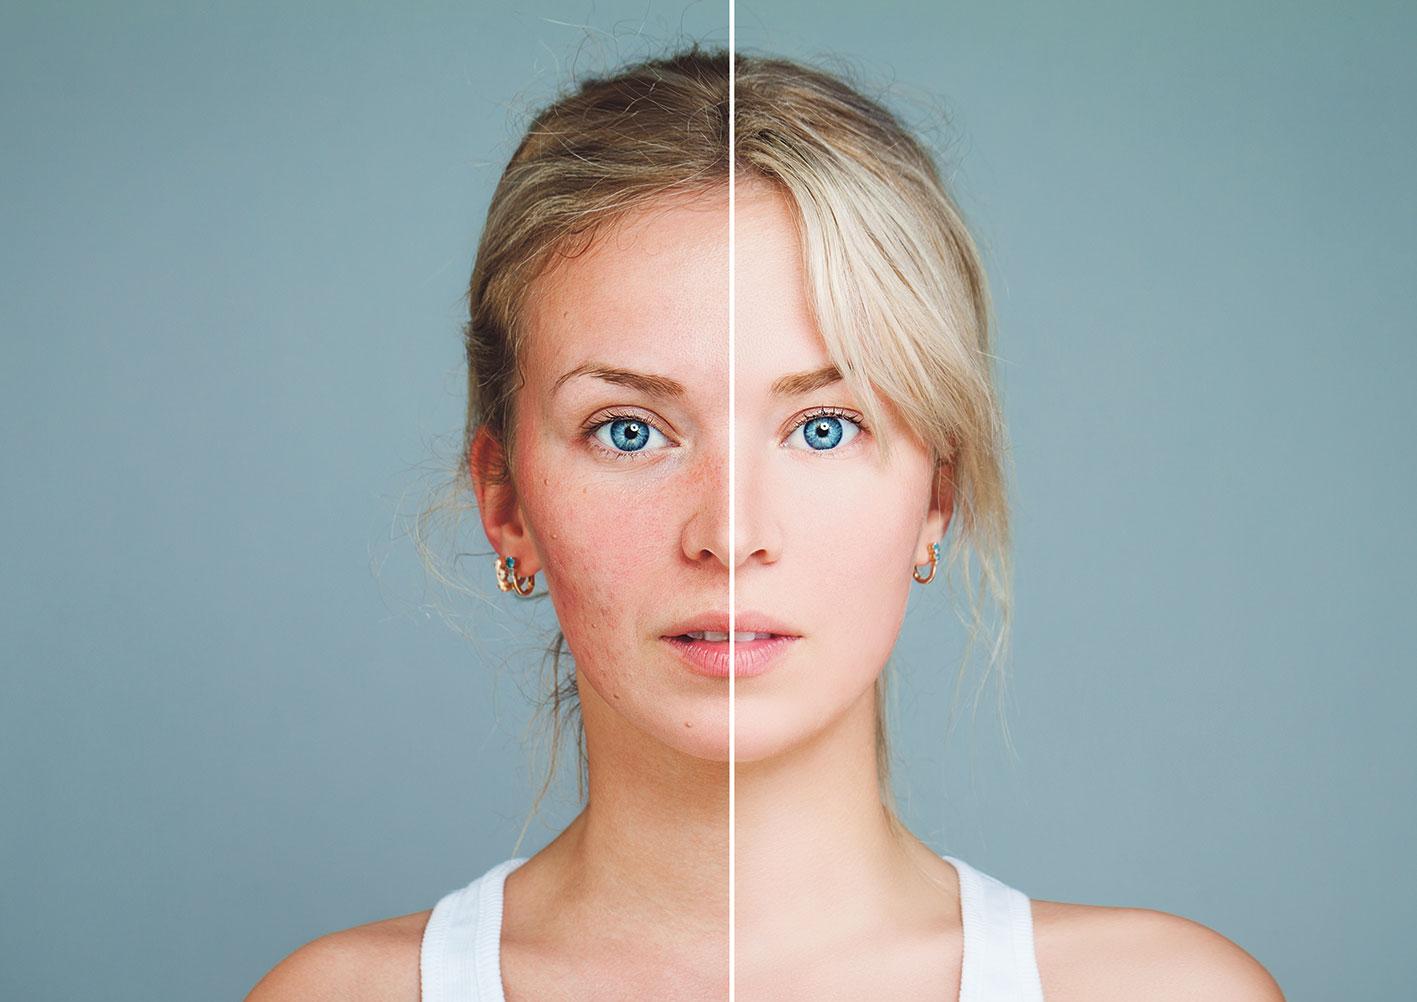 Porträt einer Frau: die eine Hälfte ihres Gesichts ist makellos, die andere gerötet und vernarbt.